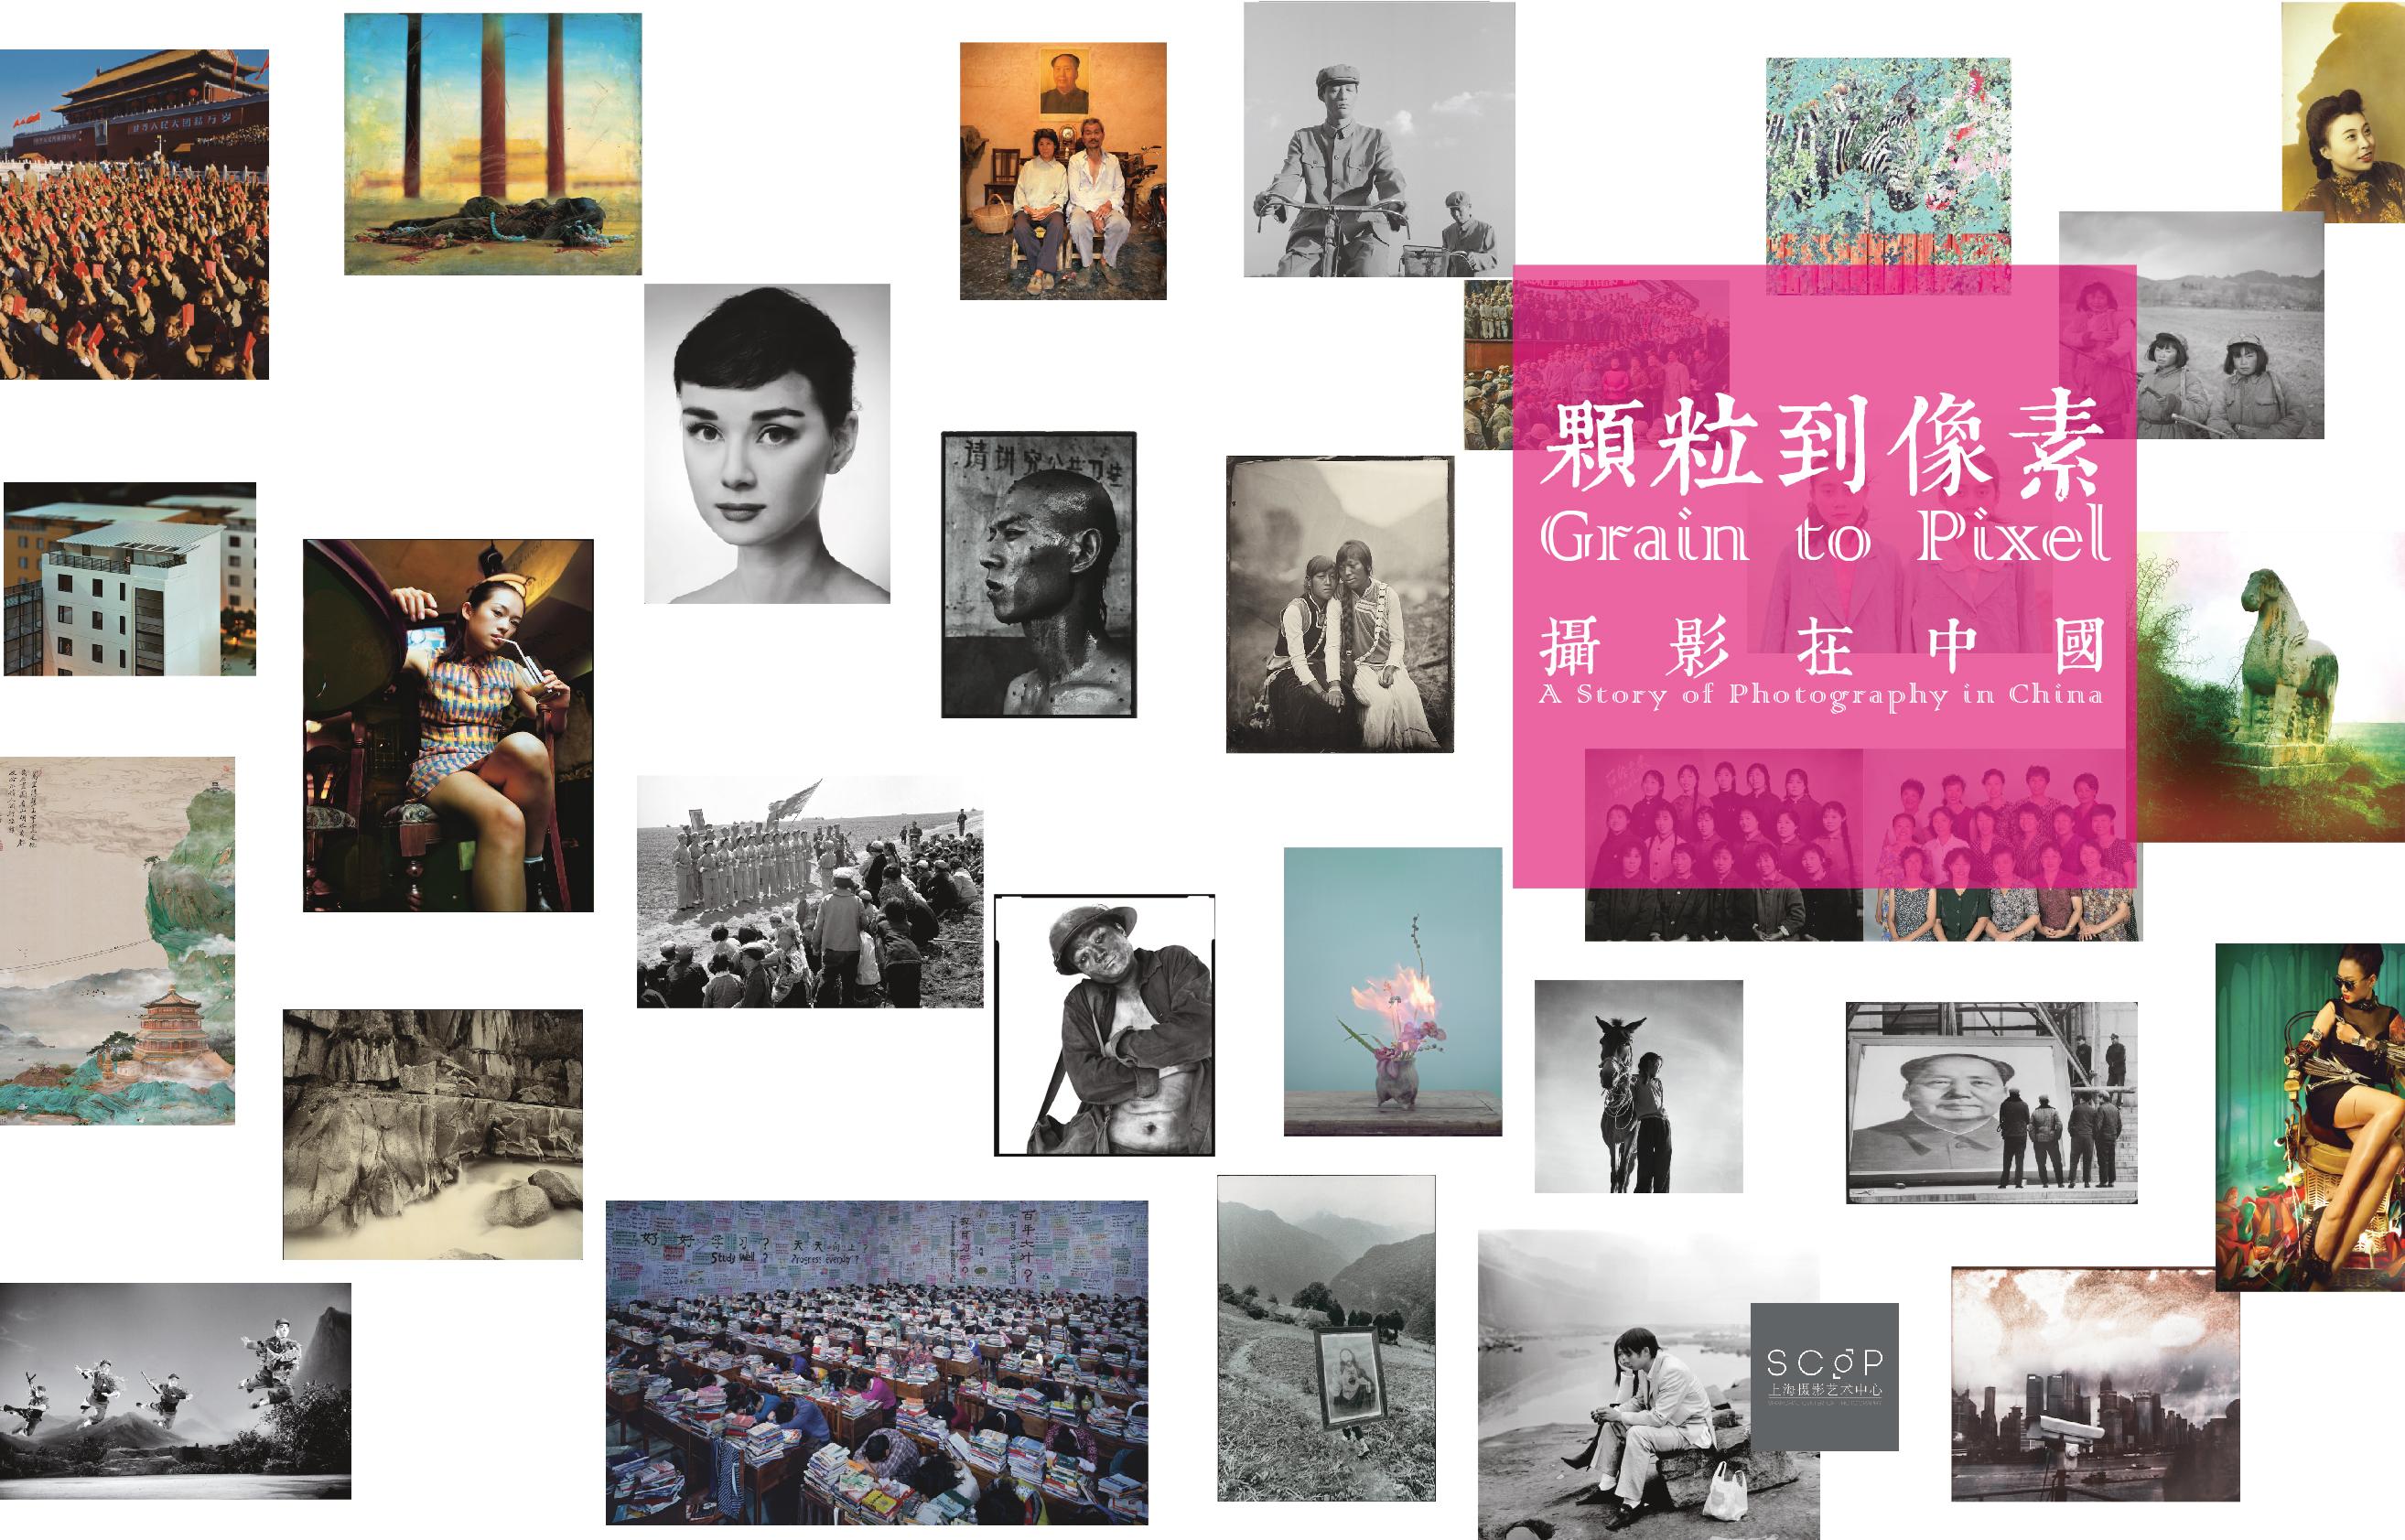 上海摄影艺术中心展览海报